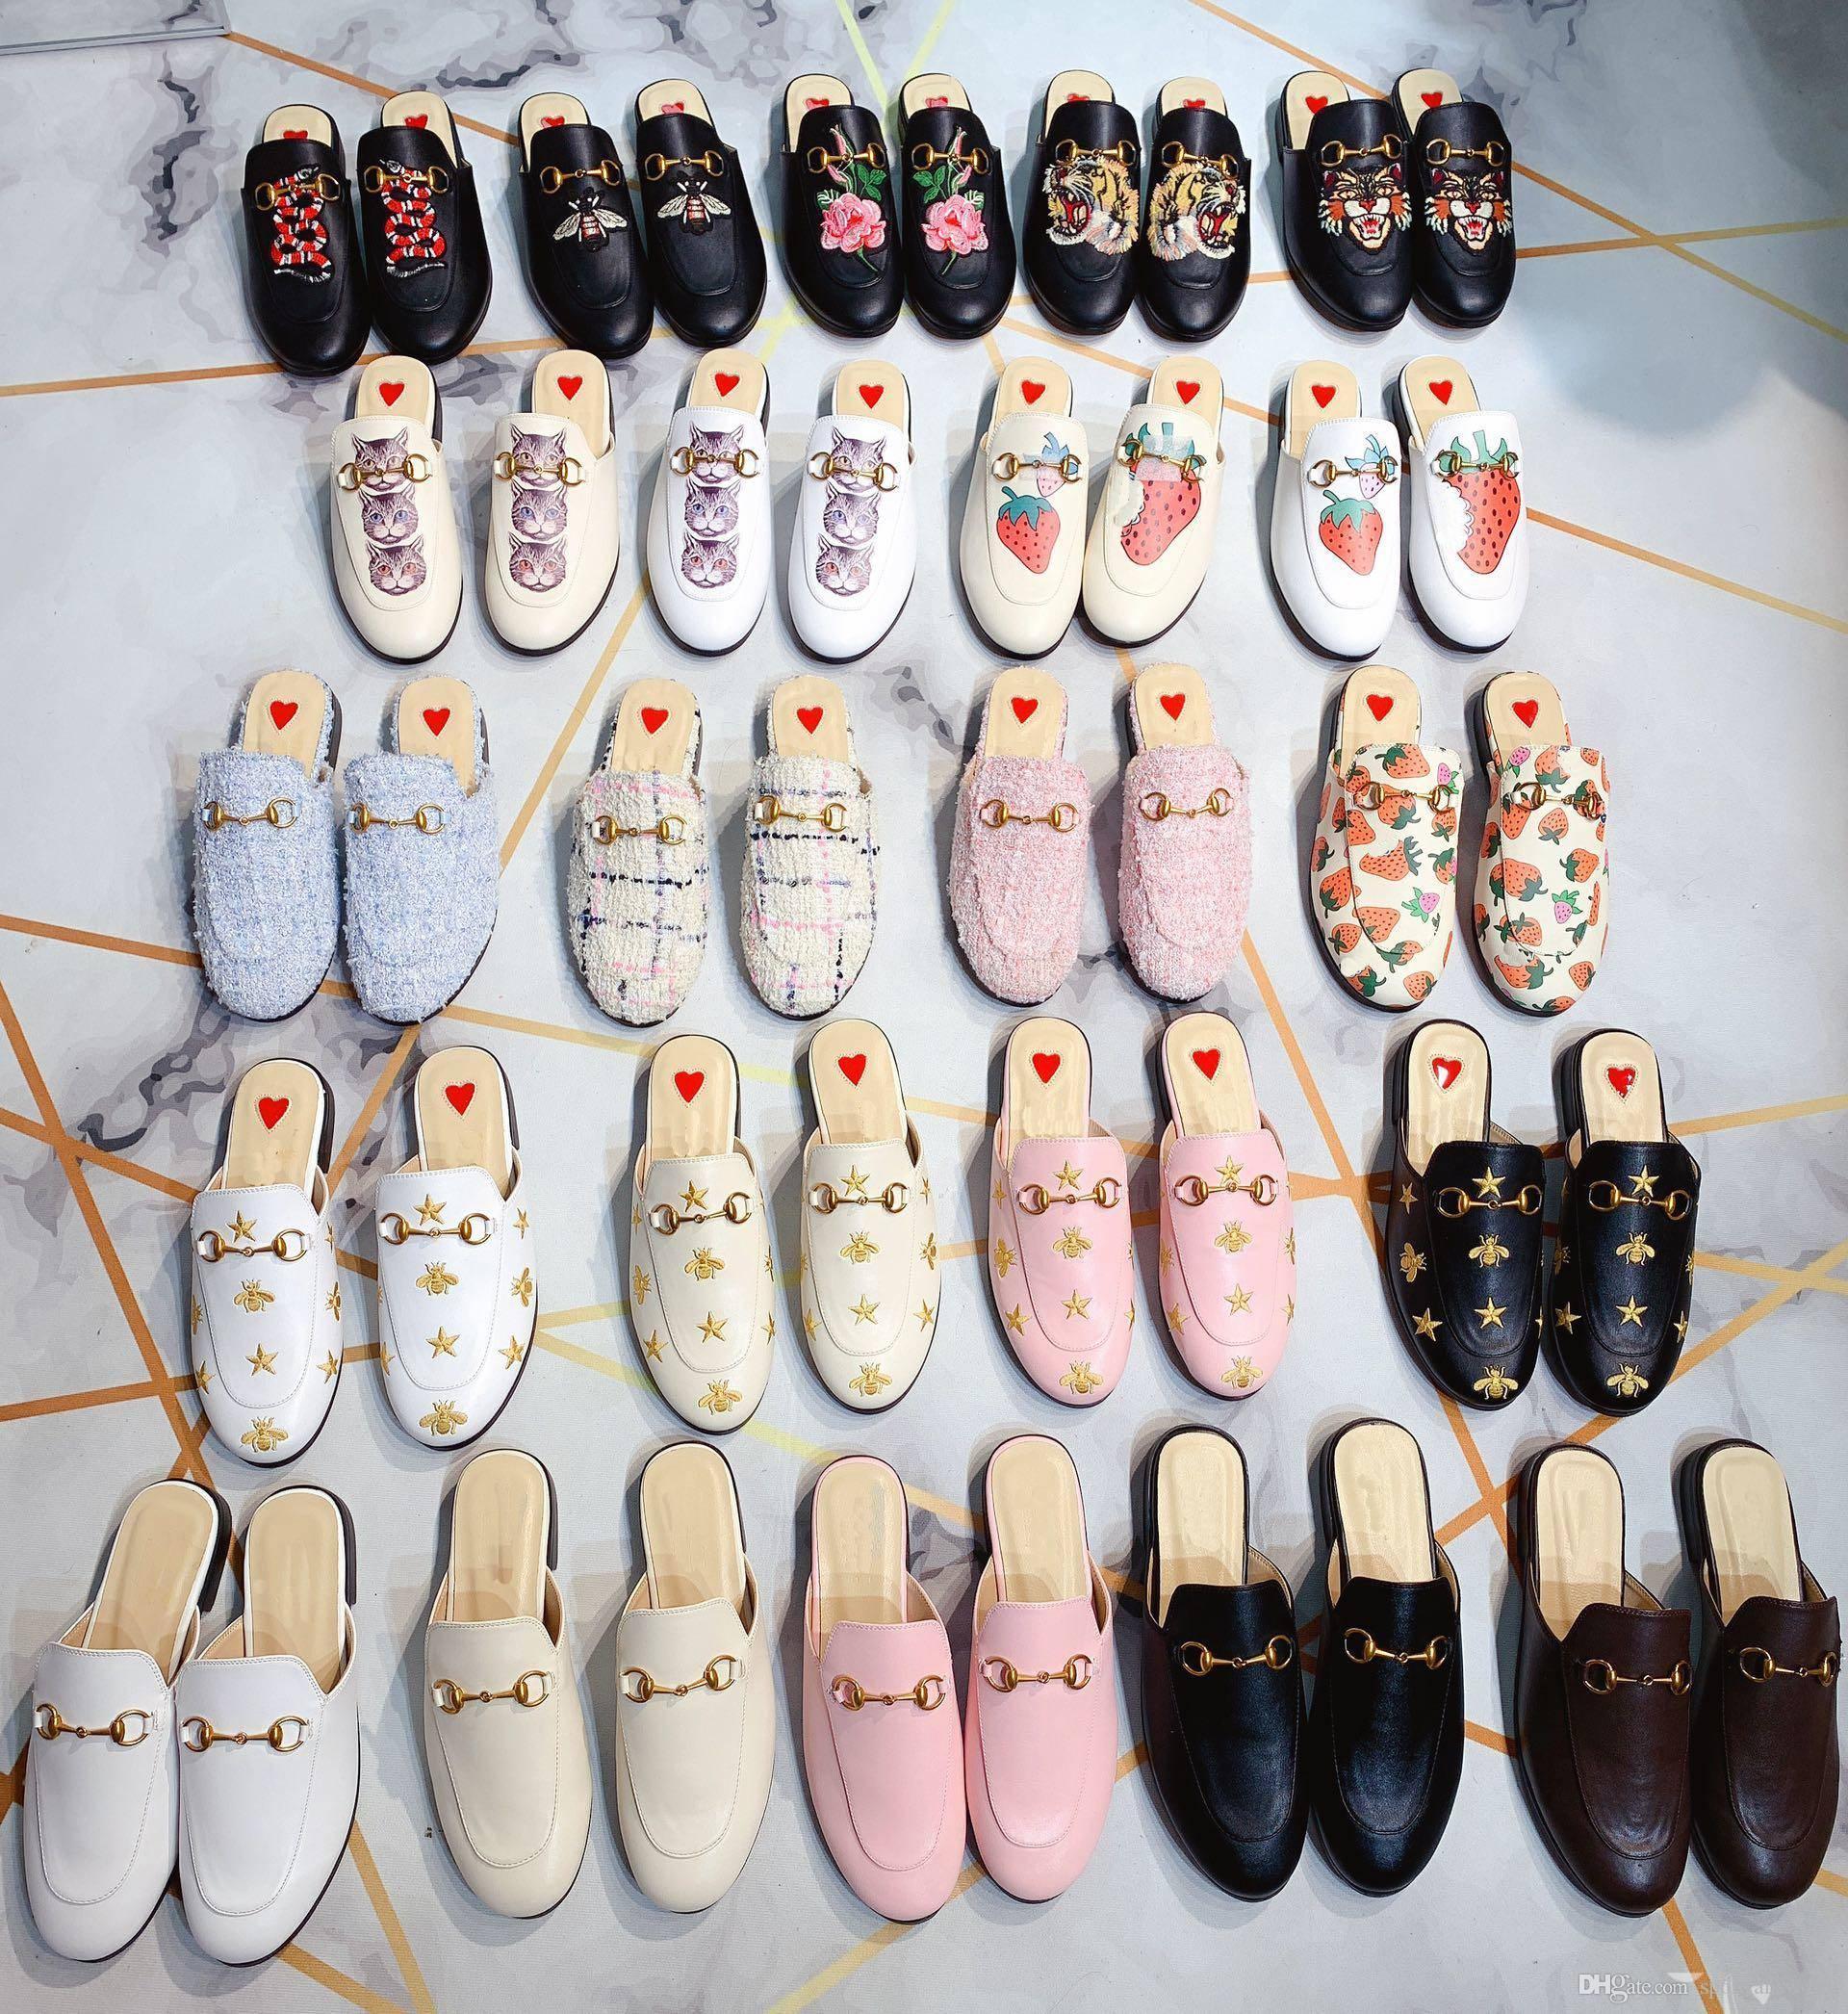 2019 femmes concepteur oisif sandales blanc noir Princetown horsebit mules chausson avec les chats pantoufle de chaîne en métal boîte fraise brodée